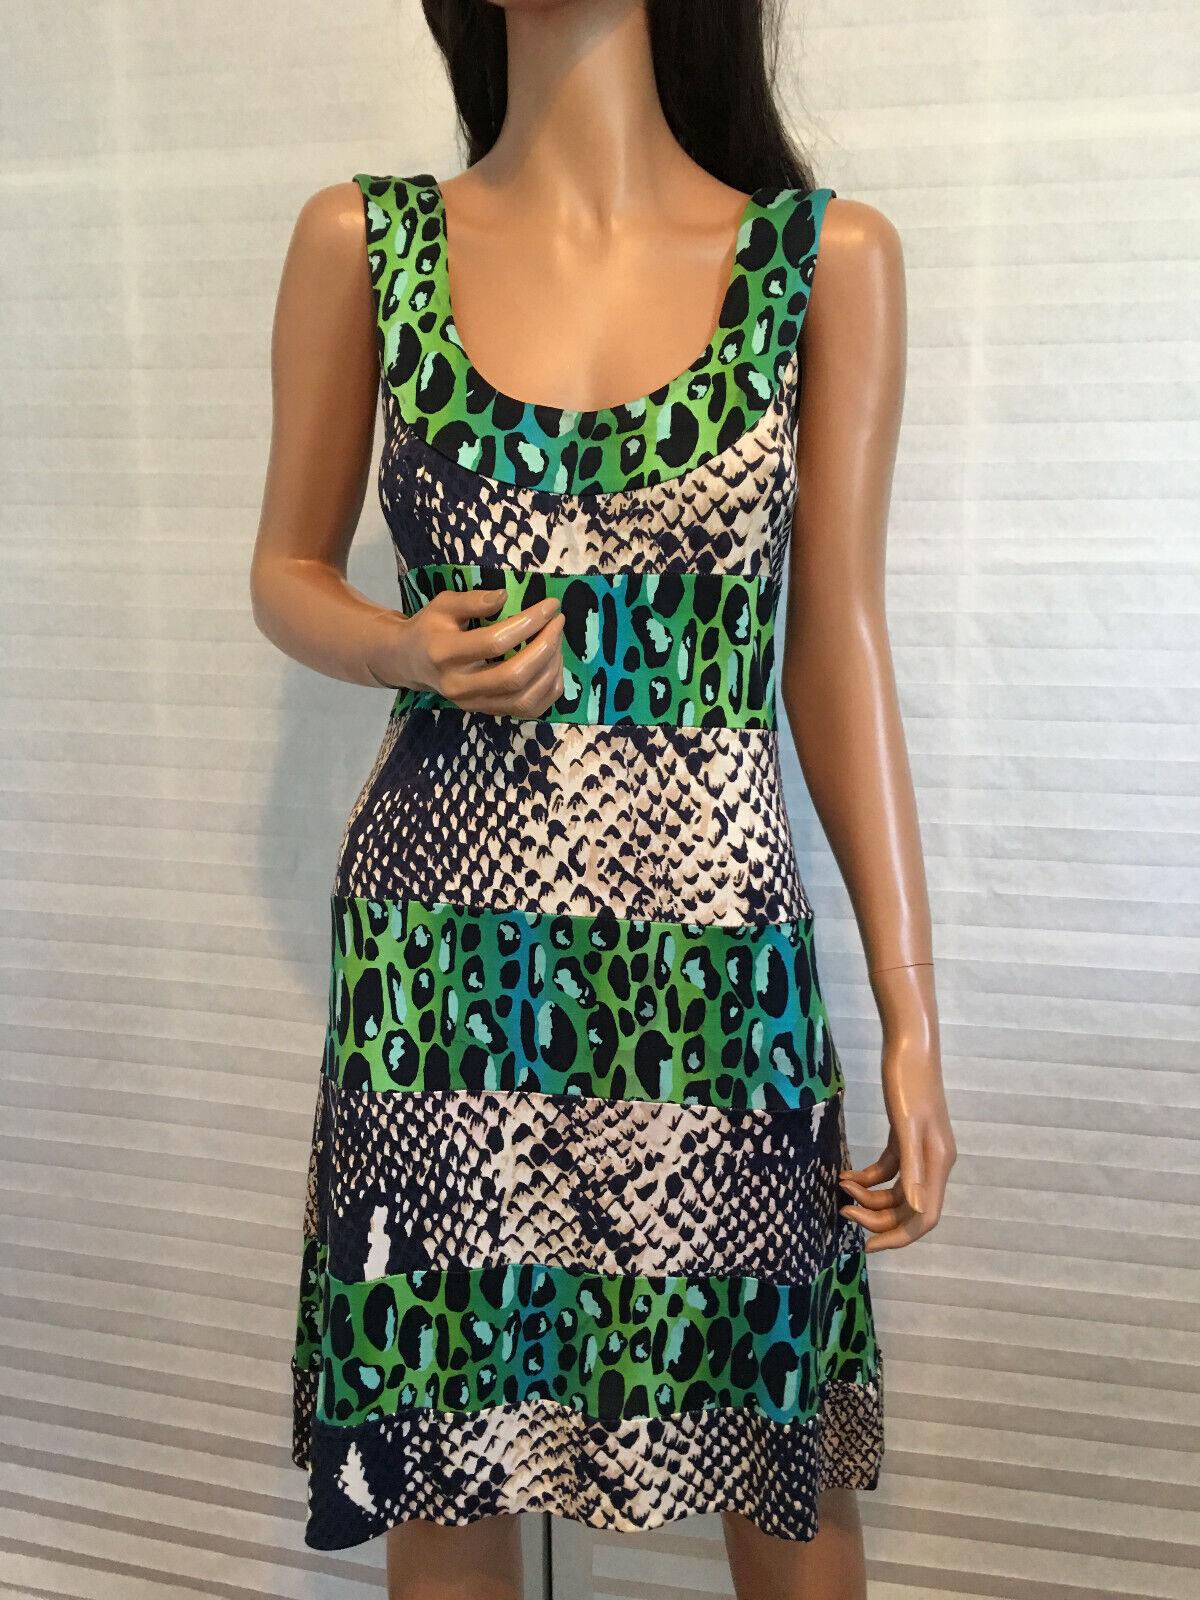 Auth. DIANE Von FURSTENBERG 100% Jersey Silk Animal Print Dress sz 2